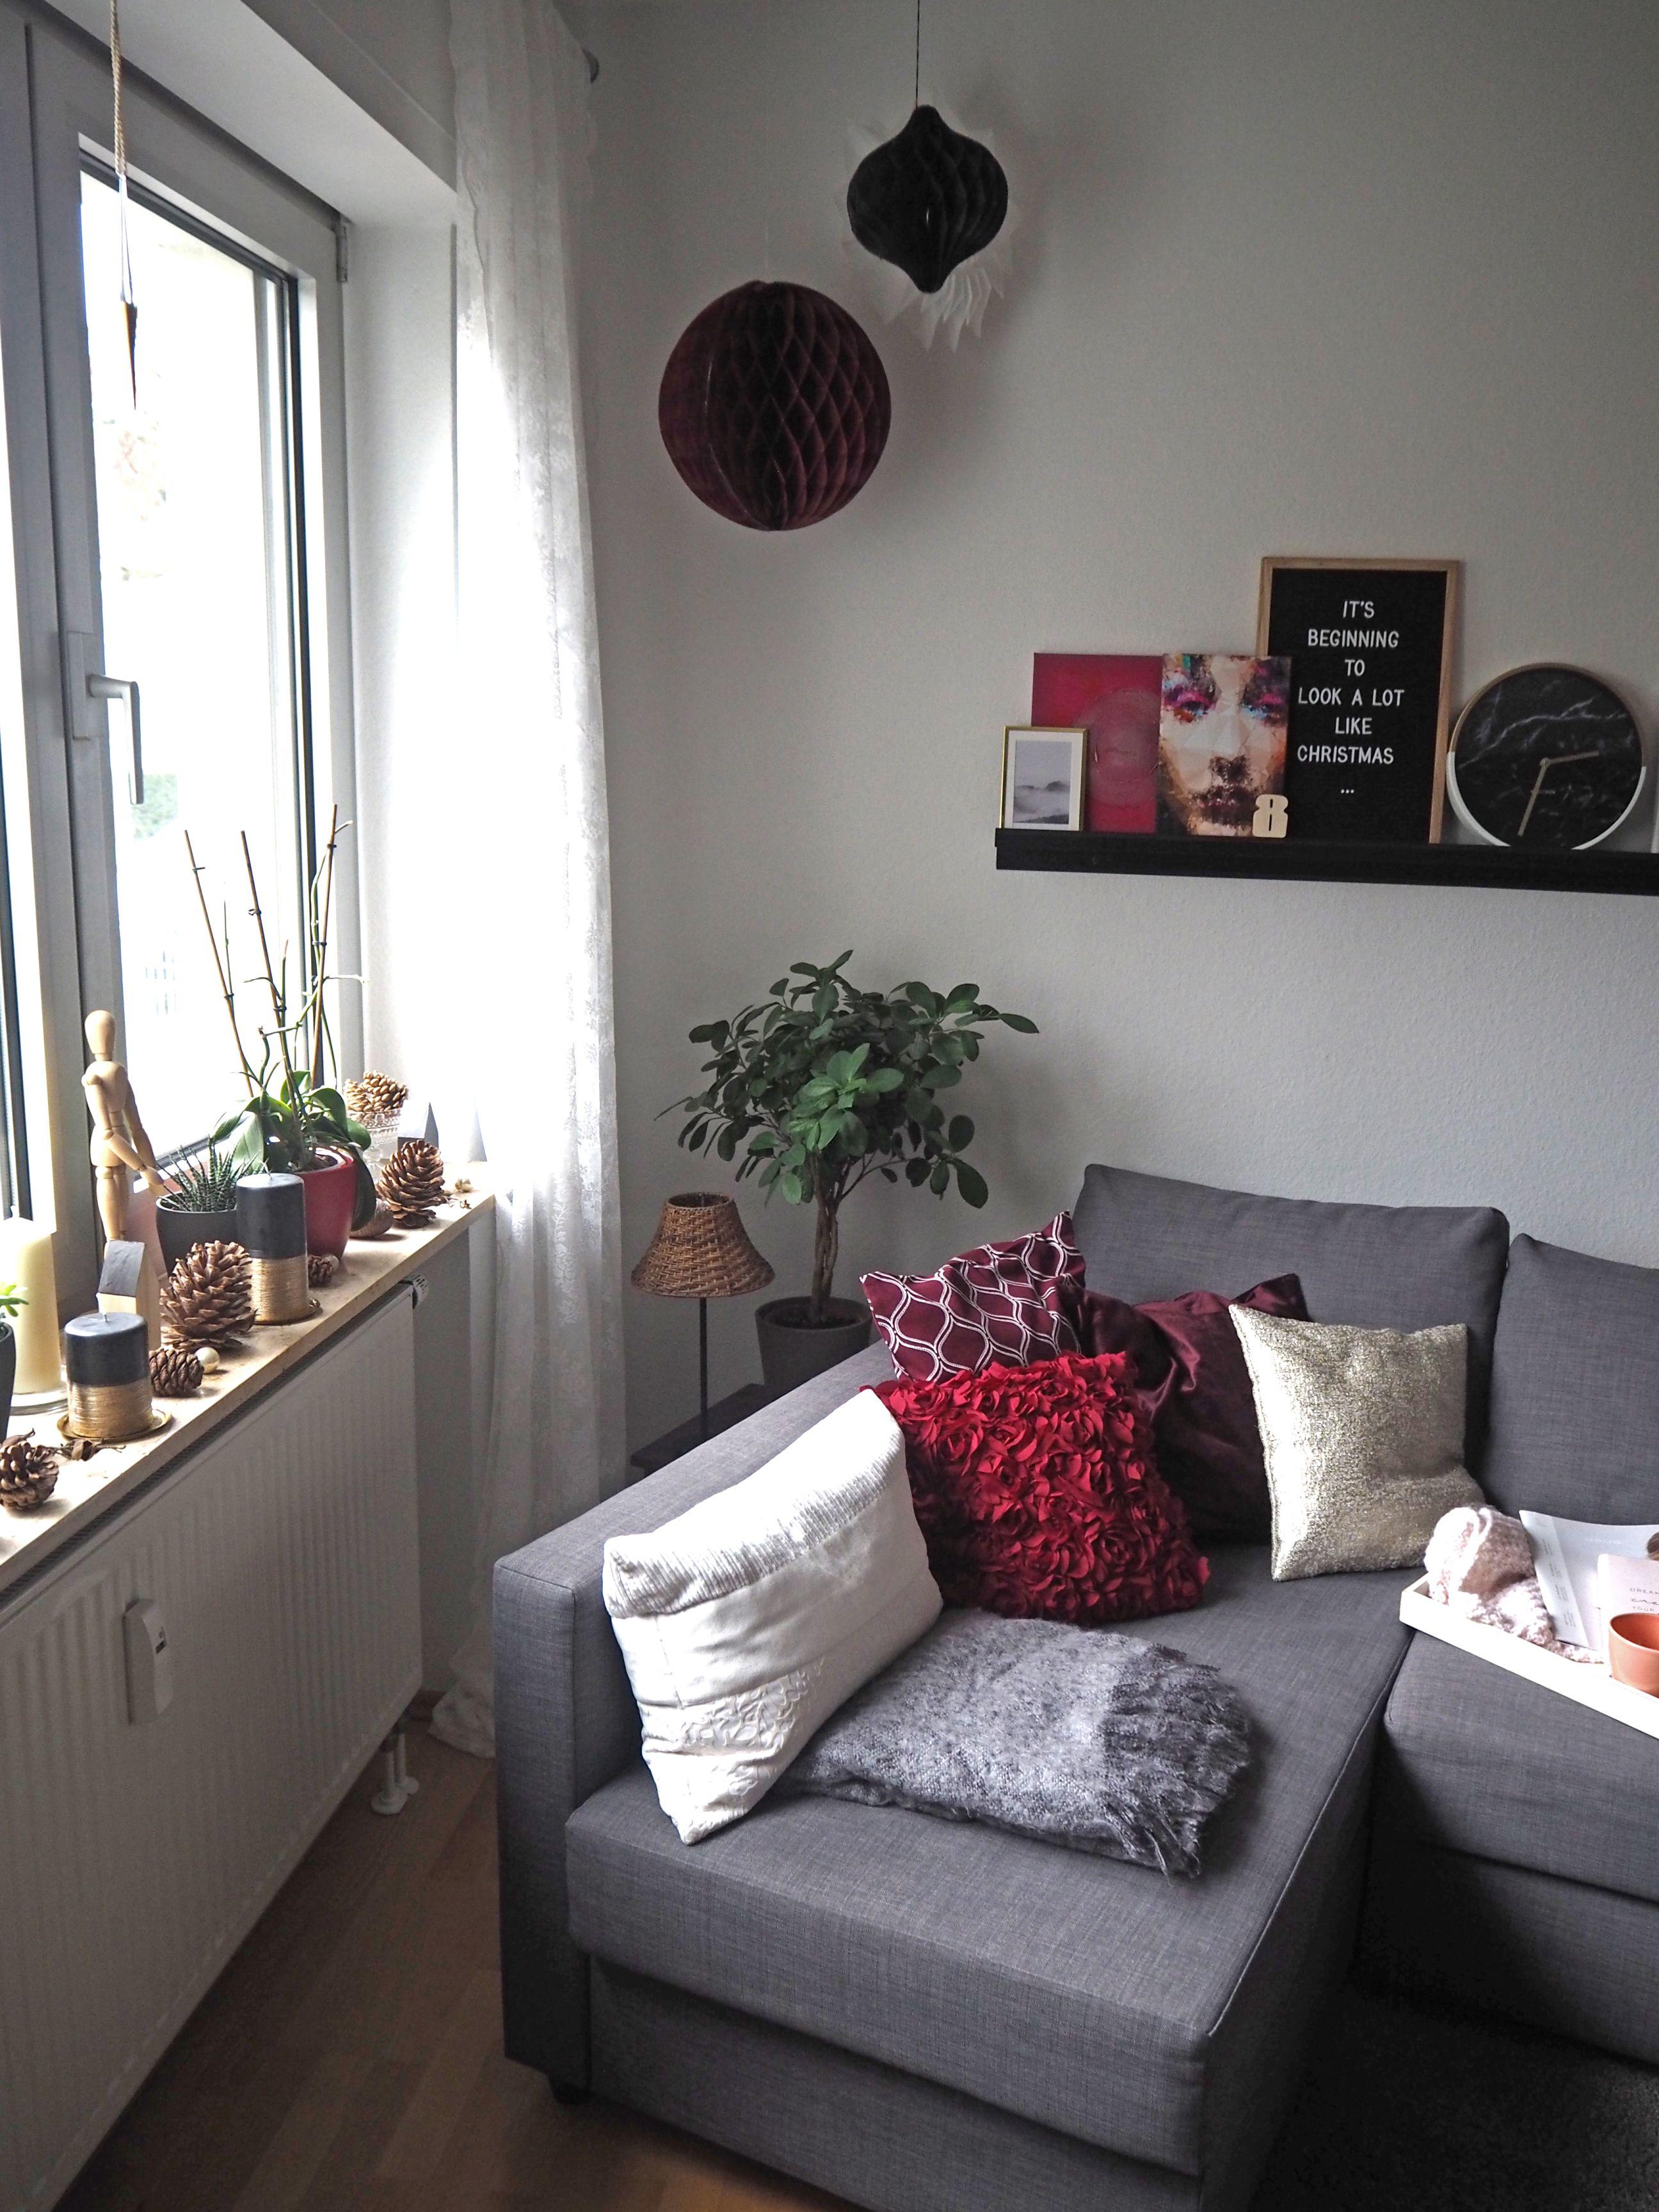 2018-skoen-och-kreativ-interior-god-jul-klassisches-rot-fuer-weihnachten-wohnzimmer (6)